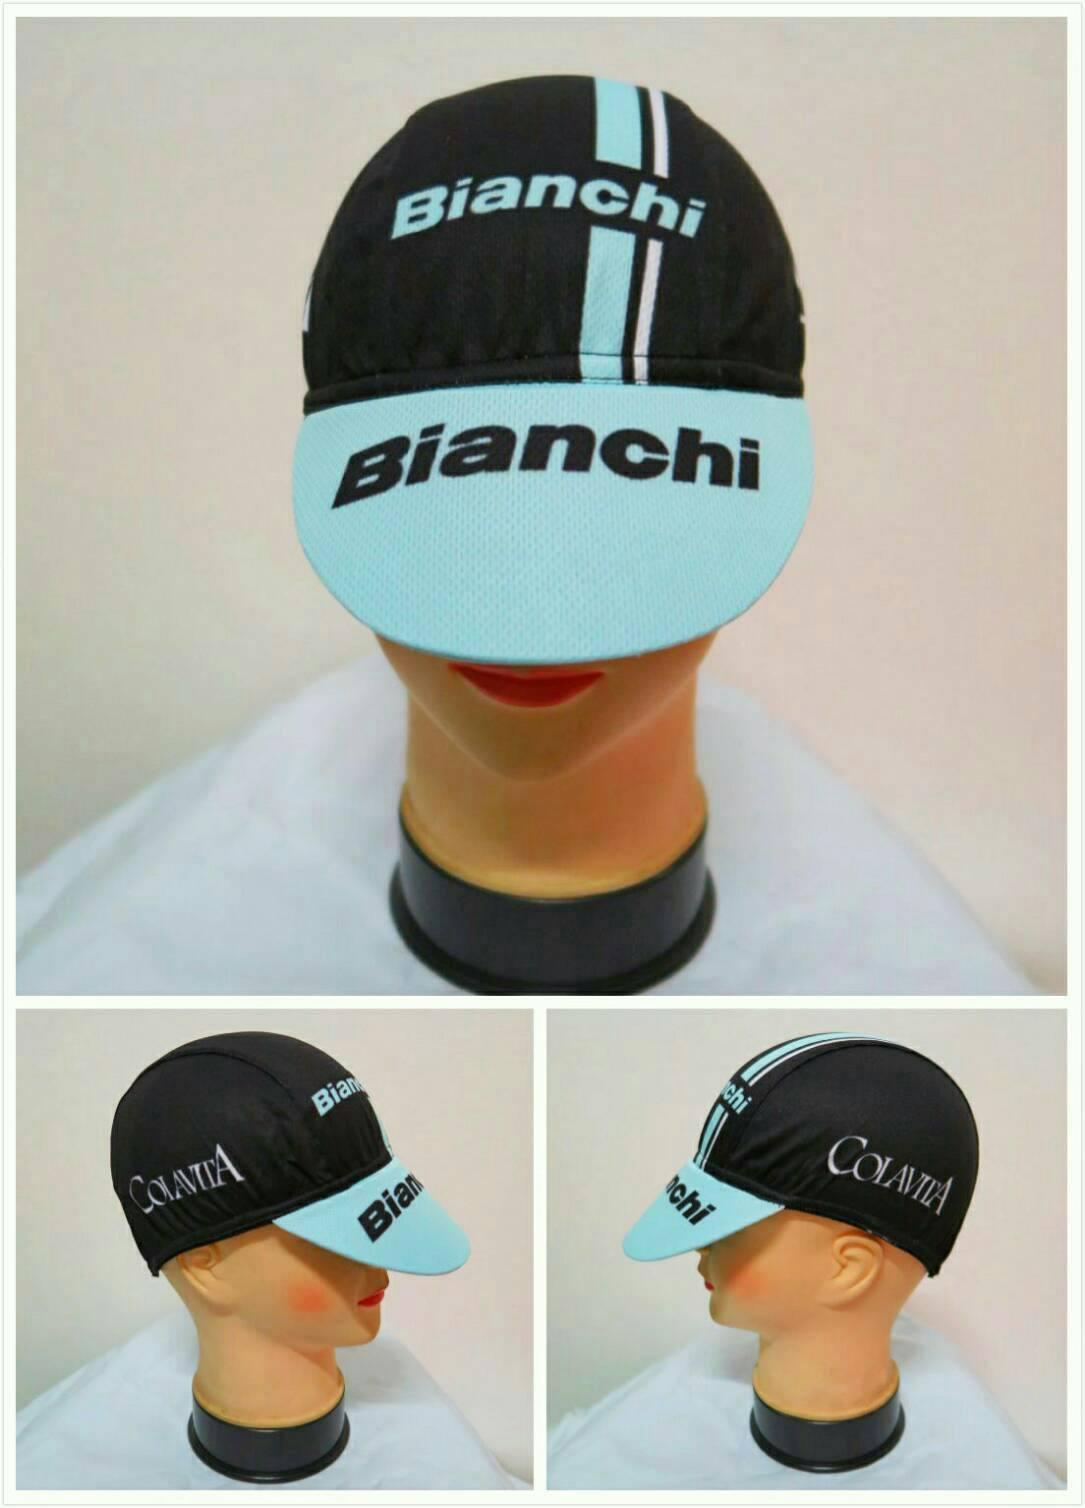 หมวกแก๊ป ลาย bianchi ฟ้า (แอดไลน์ @pinpinbike ใส่ @ ข้างหน้าด้วยนะคะ)